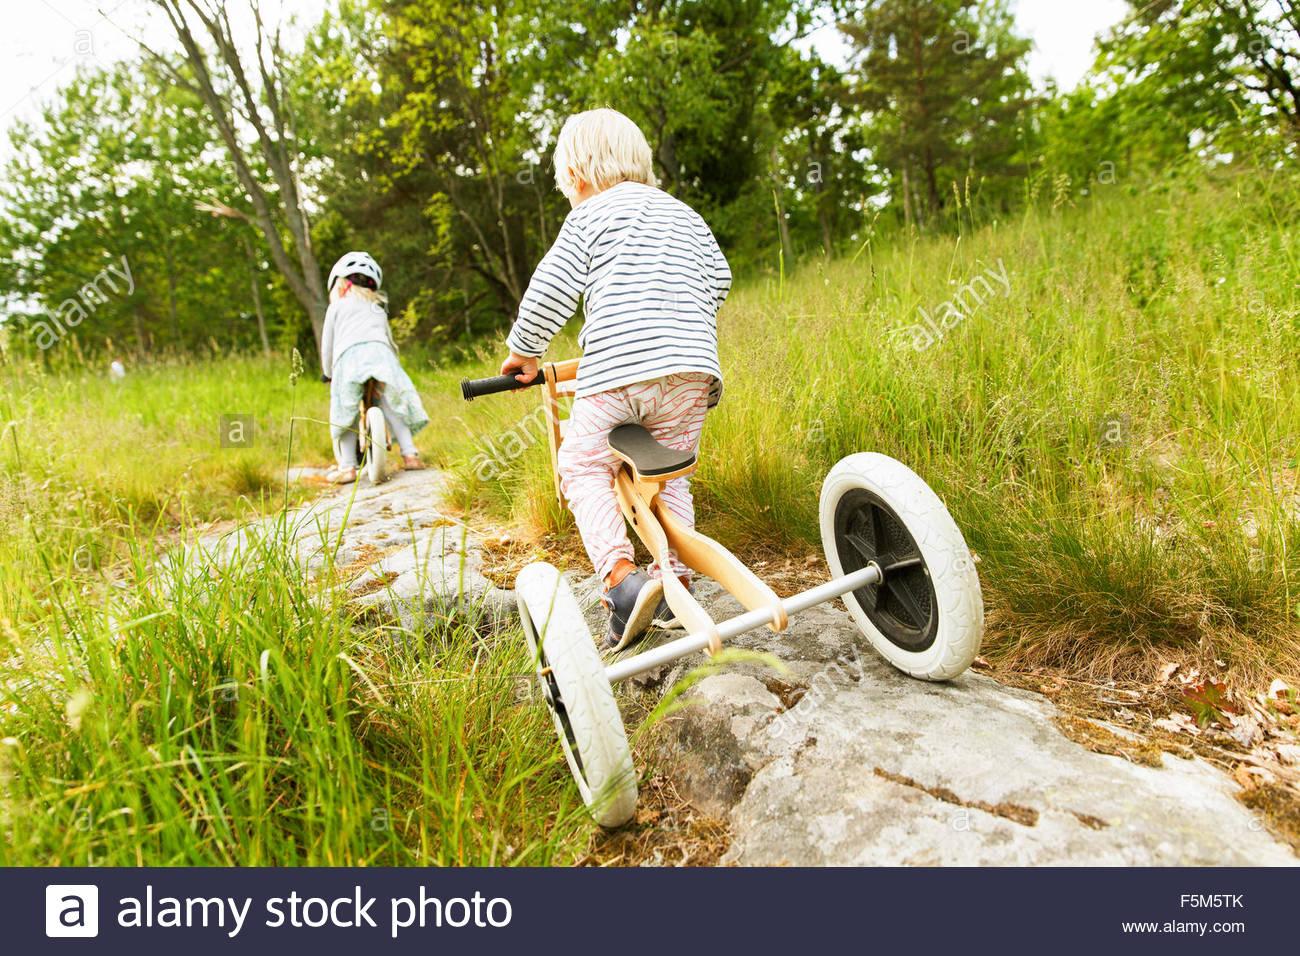 Schweden, Sodermanland, Nacka, Mädchen (4-5) und jungen (2-3) auf Fahrrädern Stockbild